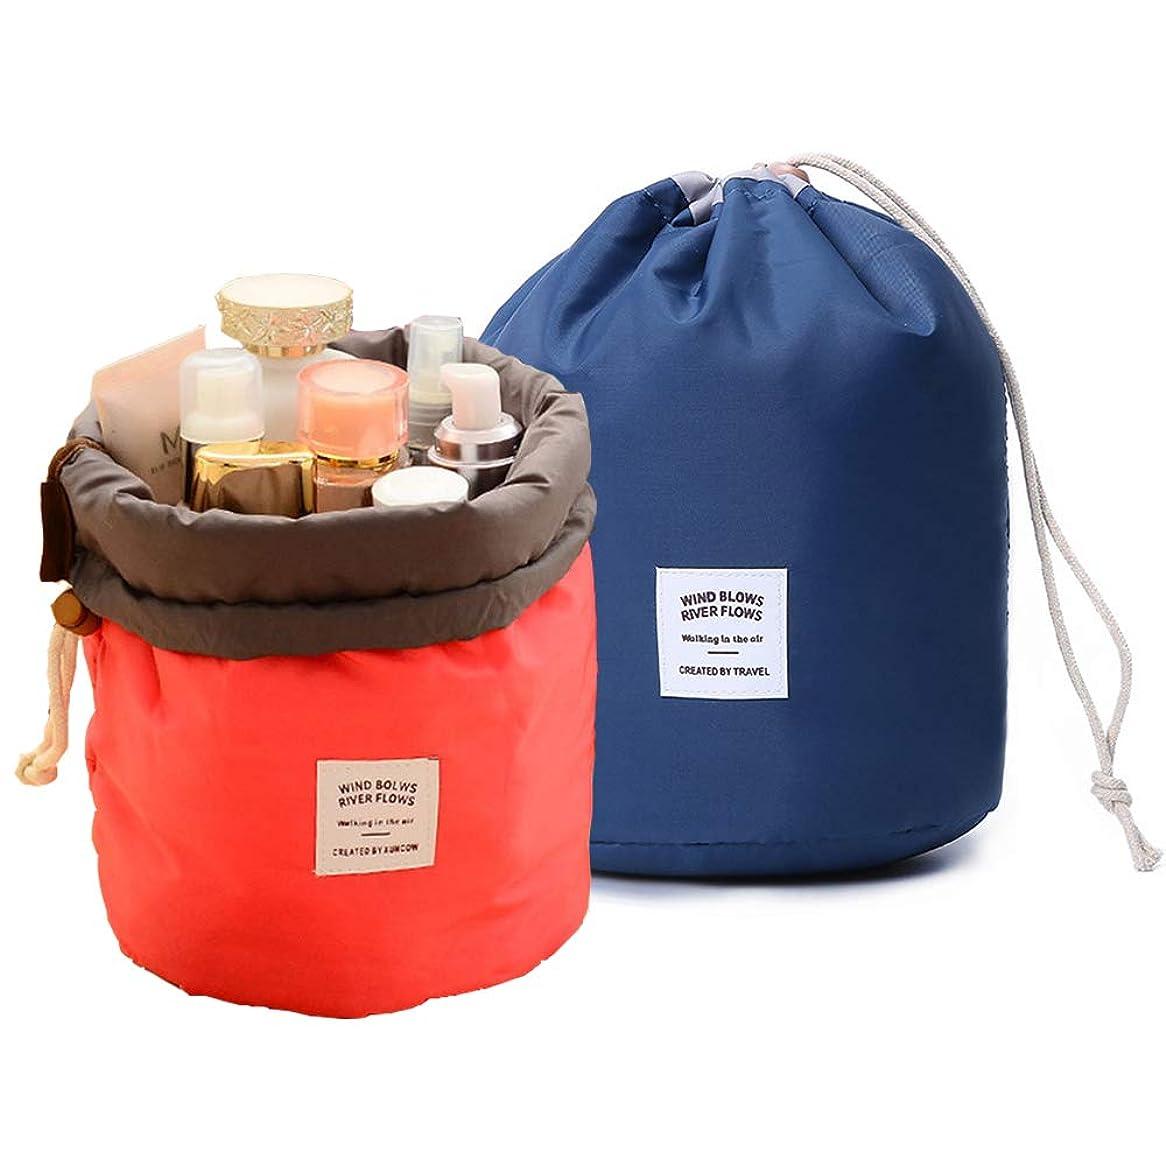 耐えられる倍増懲らしめGCOA 2個 旅行用 收納袋 シリンダー バッグ ナイロン製 防水 巾着袋 オーガナイザー ミニ収納ポーチやPVC ポーチ付け